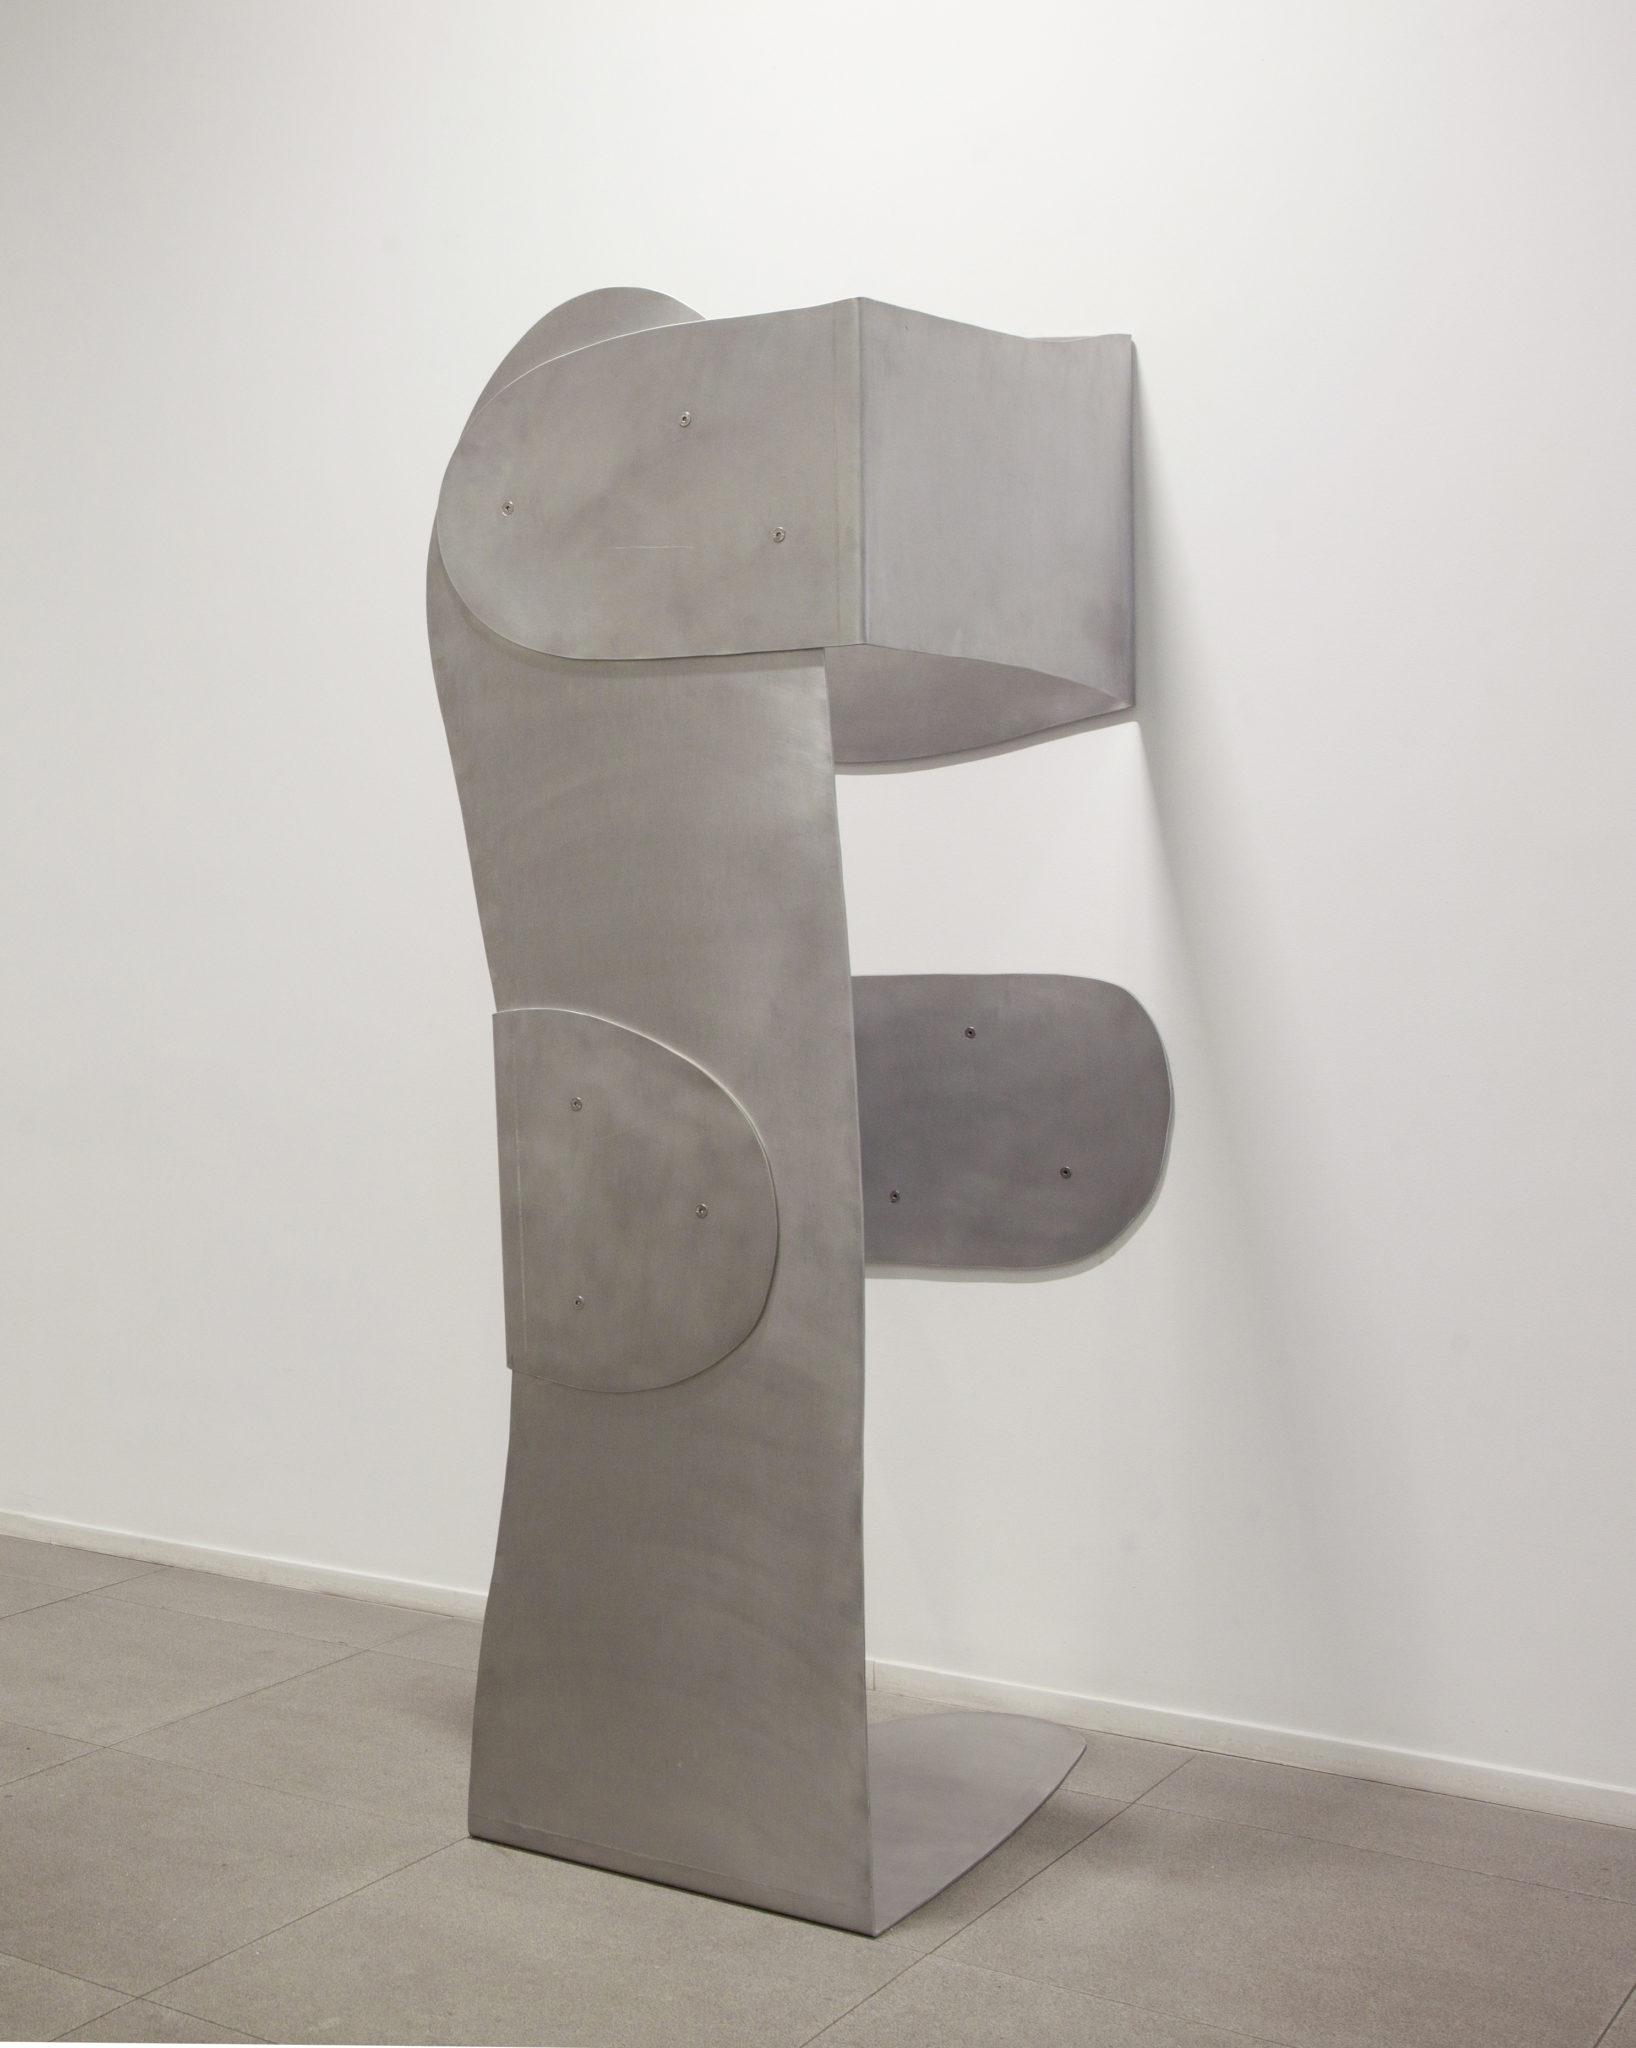 Susana Solano  Lo visible II 2009-2010. Acier inoxydable  186 x 85 x 79 cm